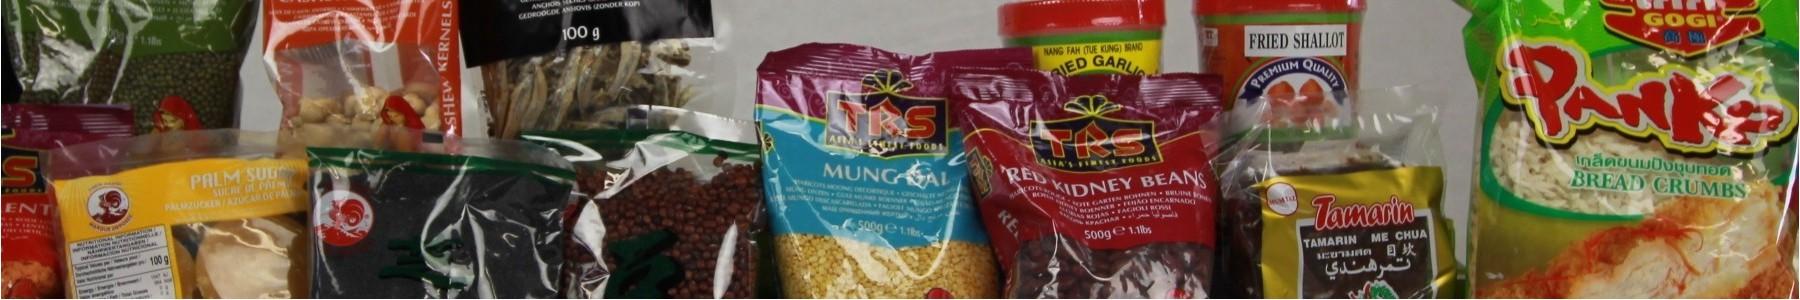 veelheid aan gedroogde voedingsproducten exotisch oosters aziatisch